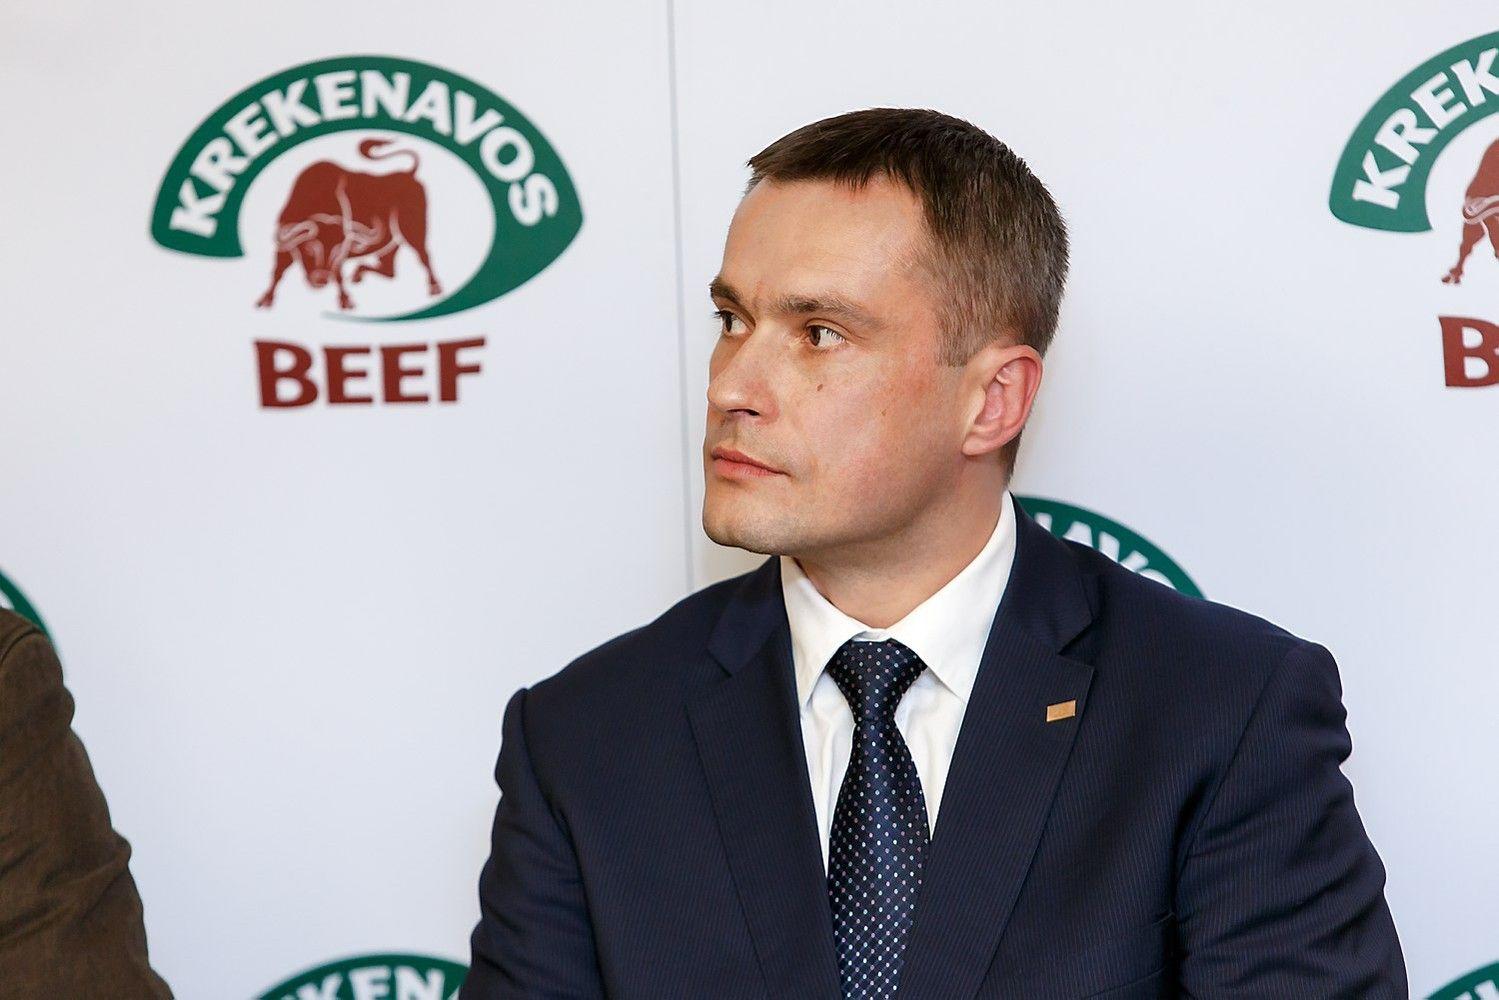 Didžiausia mėsos perdirbėja– paskui lietuvius pirkėjus į Lenkiją